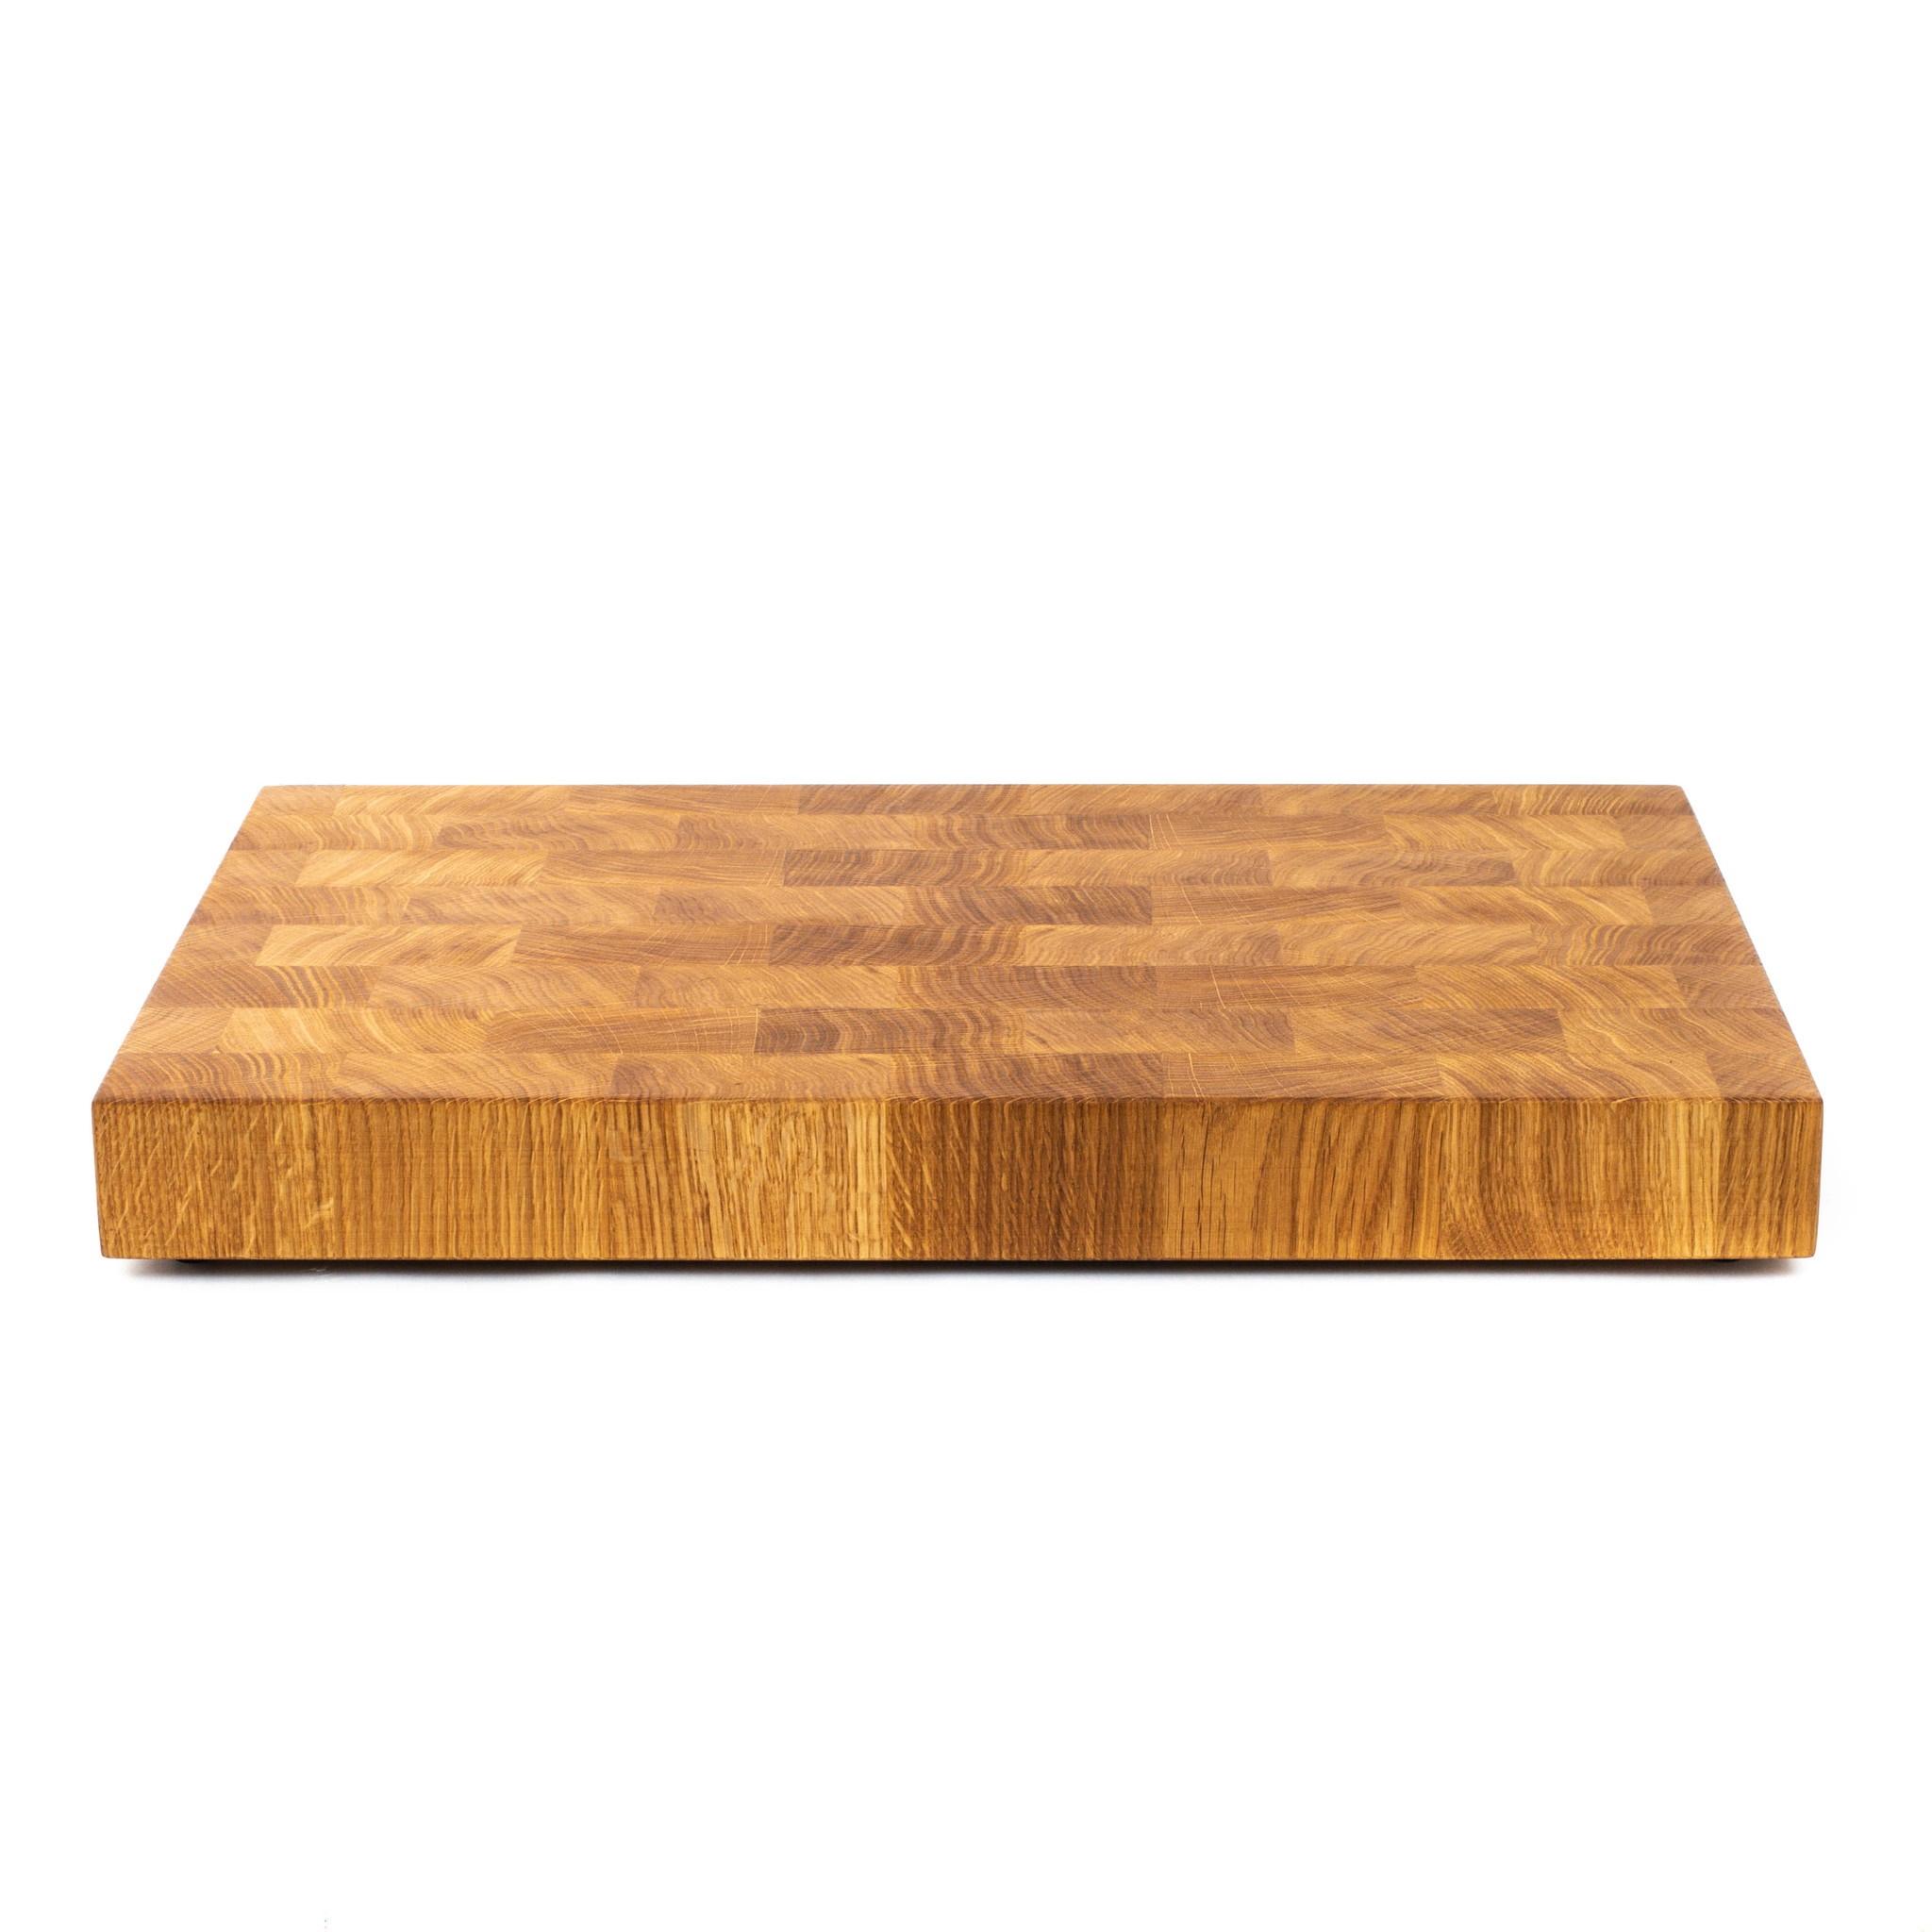 Доска разделочная торцевая, дуб, 30х40х5 см